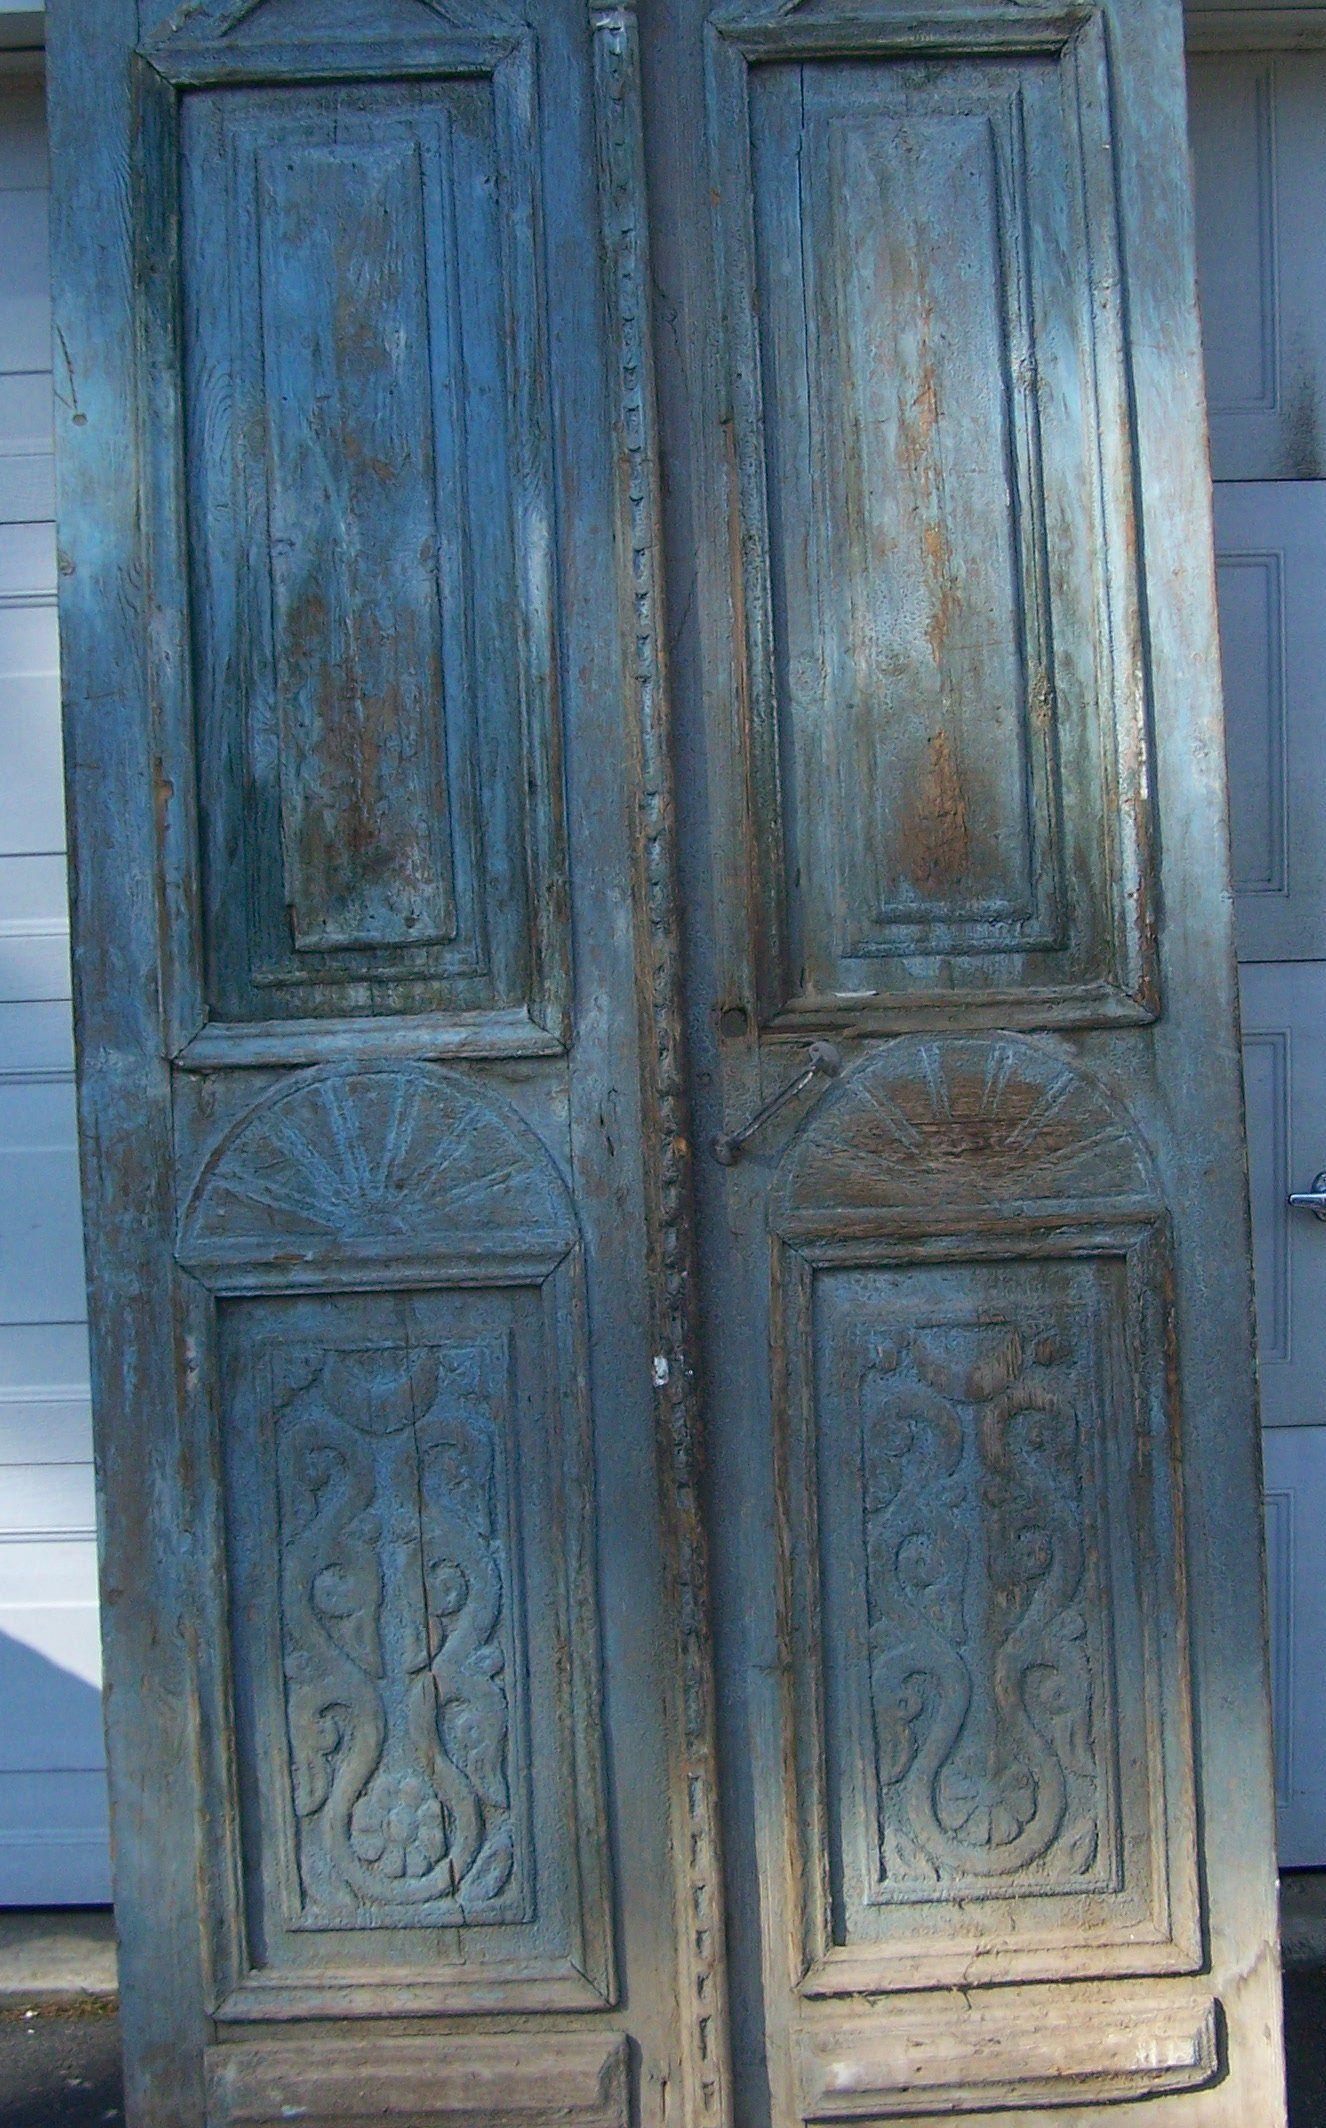 Antique Mediterranean Wood Doors With Raised Panels Salvage European Doors Aqua Doors Architectural Carved Flo Interior Barn Doors Old Wood Doors Antique Doors